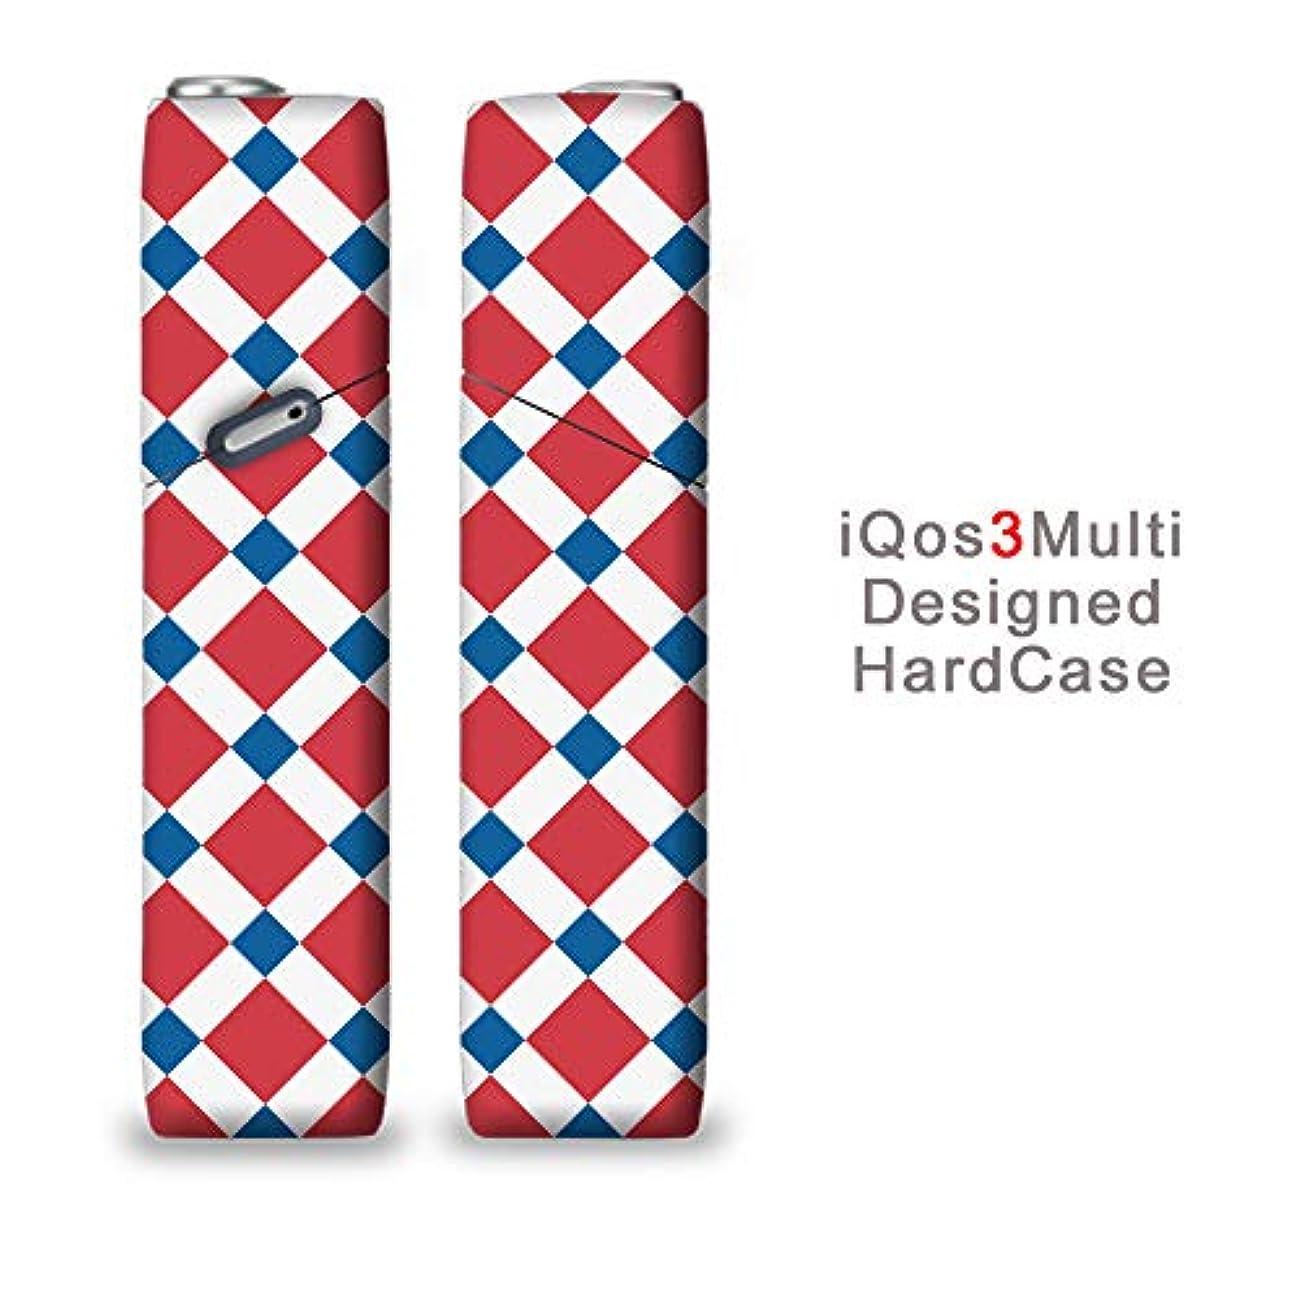 完全国内受注生産 iQOS3マルチ用 アイコス3マルチ用 熱転写全面印刷 きれいなチェック柄 加熱式タバコ 電子タバコ 禁煙サポート アクセサリー プラスティックケース ハードケース 日本製